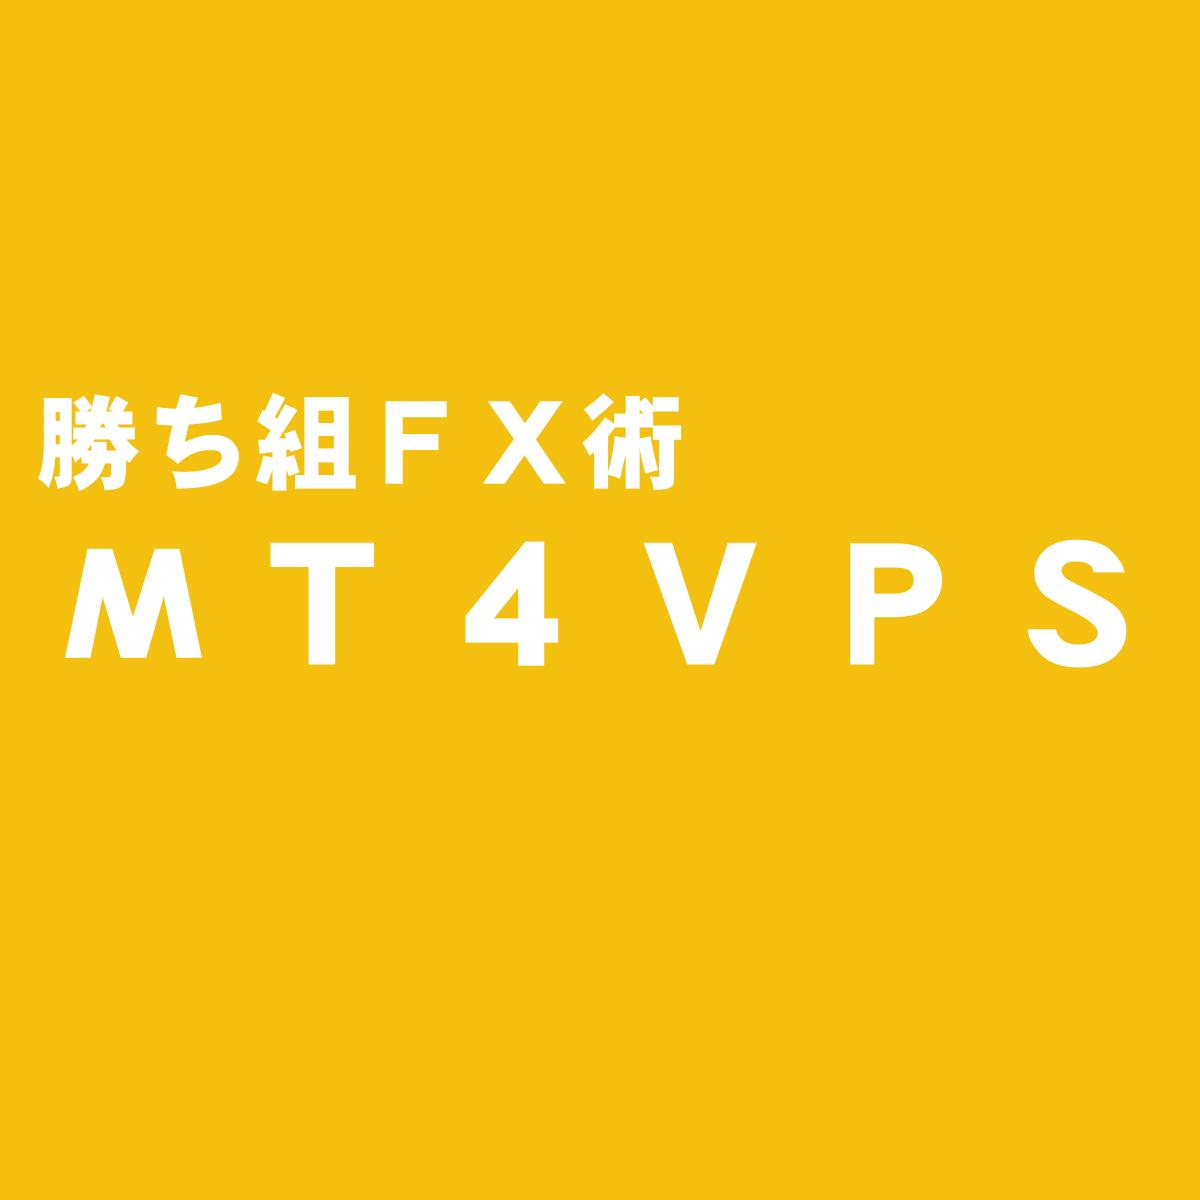 MT4VPS